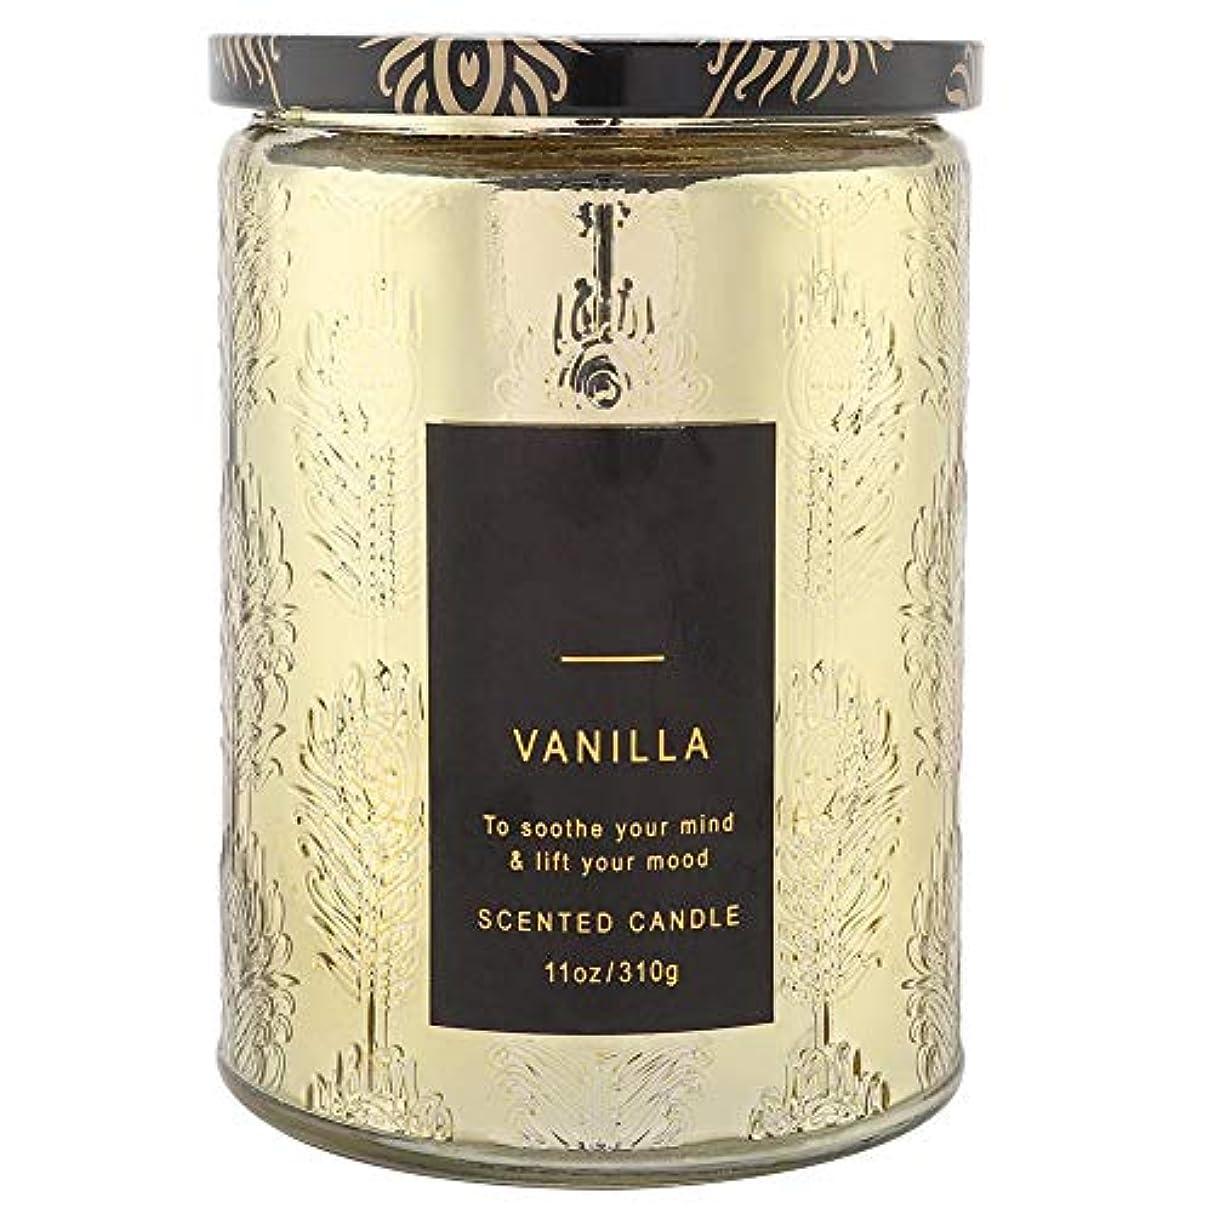 称賛着服スペア香りのキャンドルギフトセット、繊細な天然ワックス香りのキャンドルバニラウイスキーワックスストレス緩和、誕生日、クリスマスのための透明なガラスボトル、